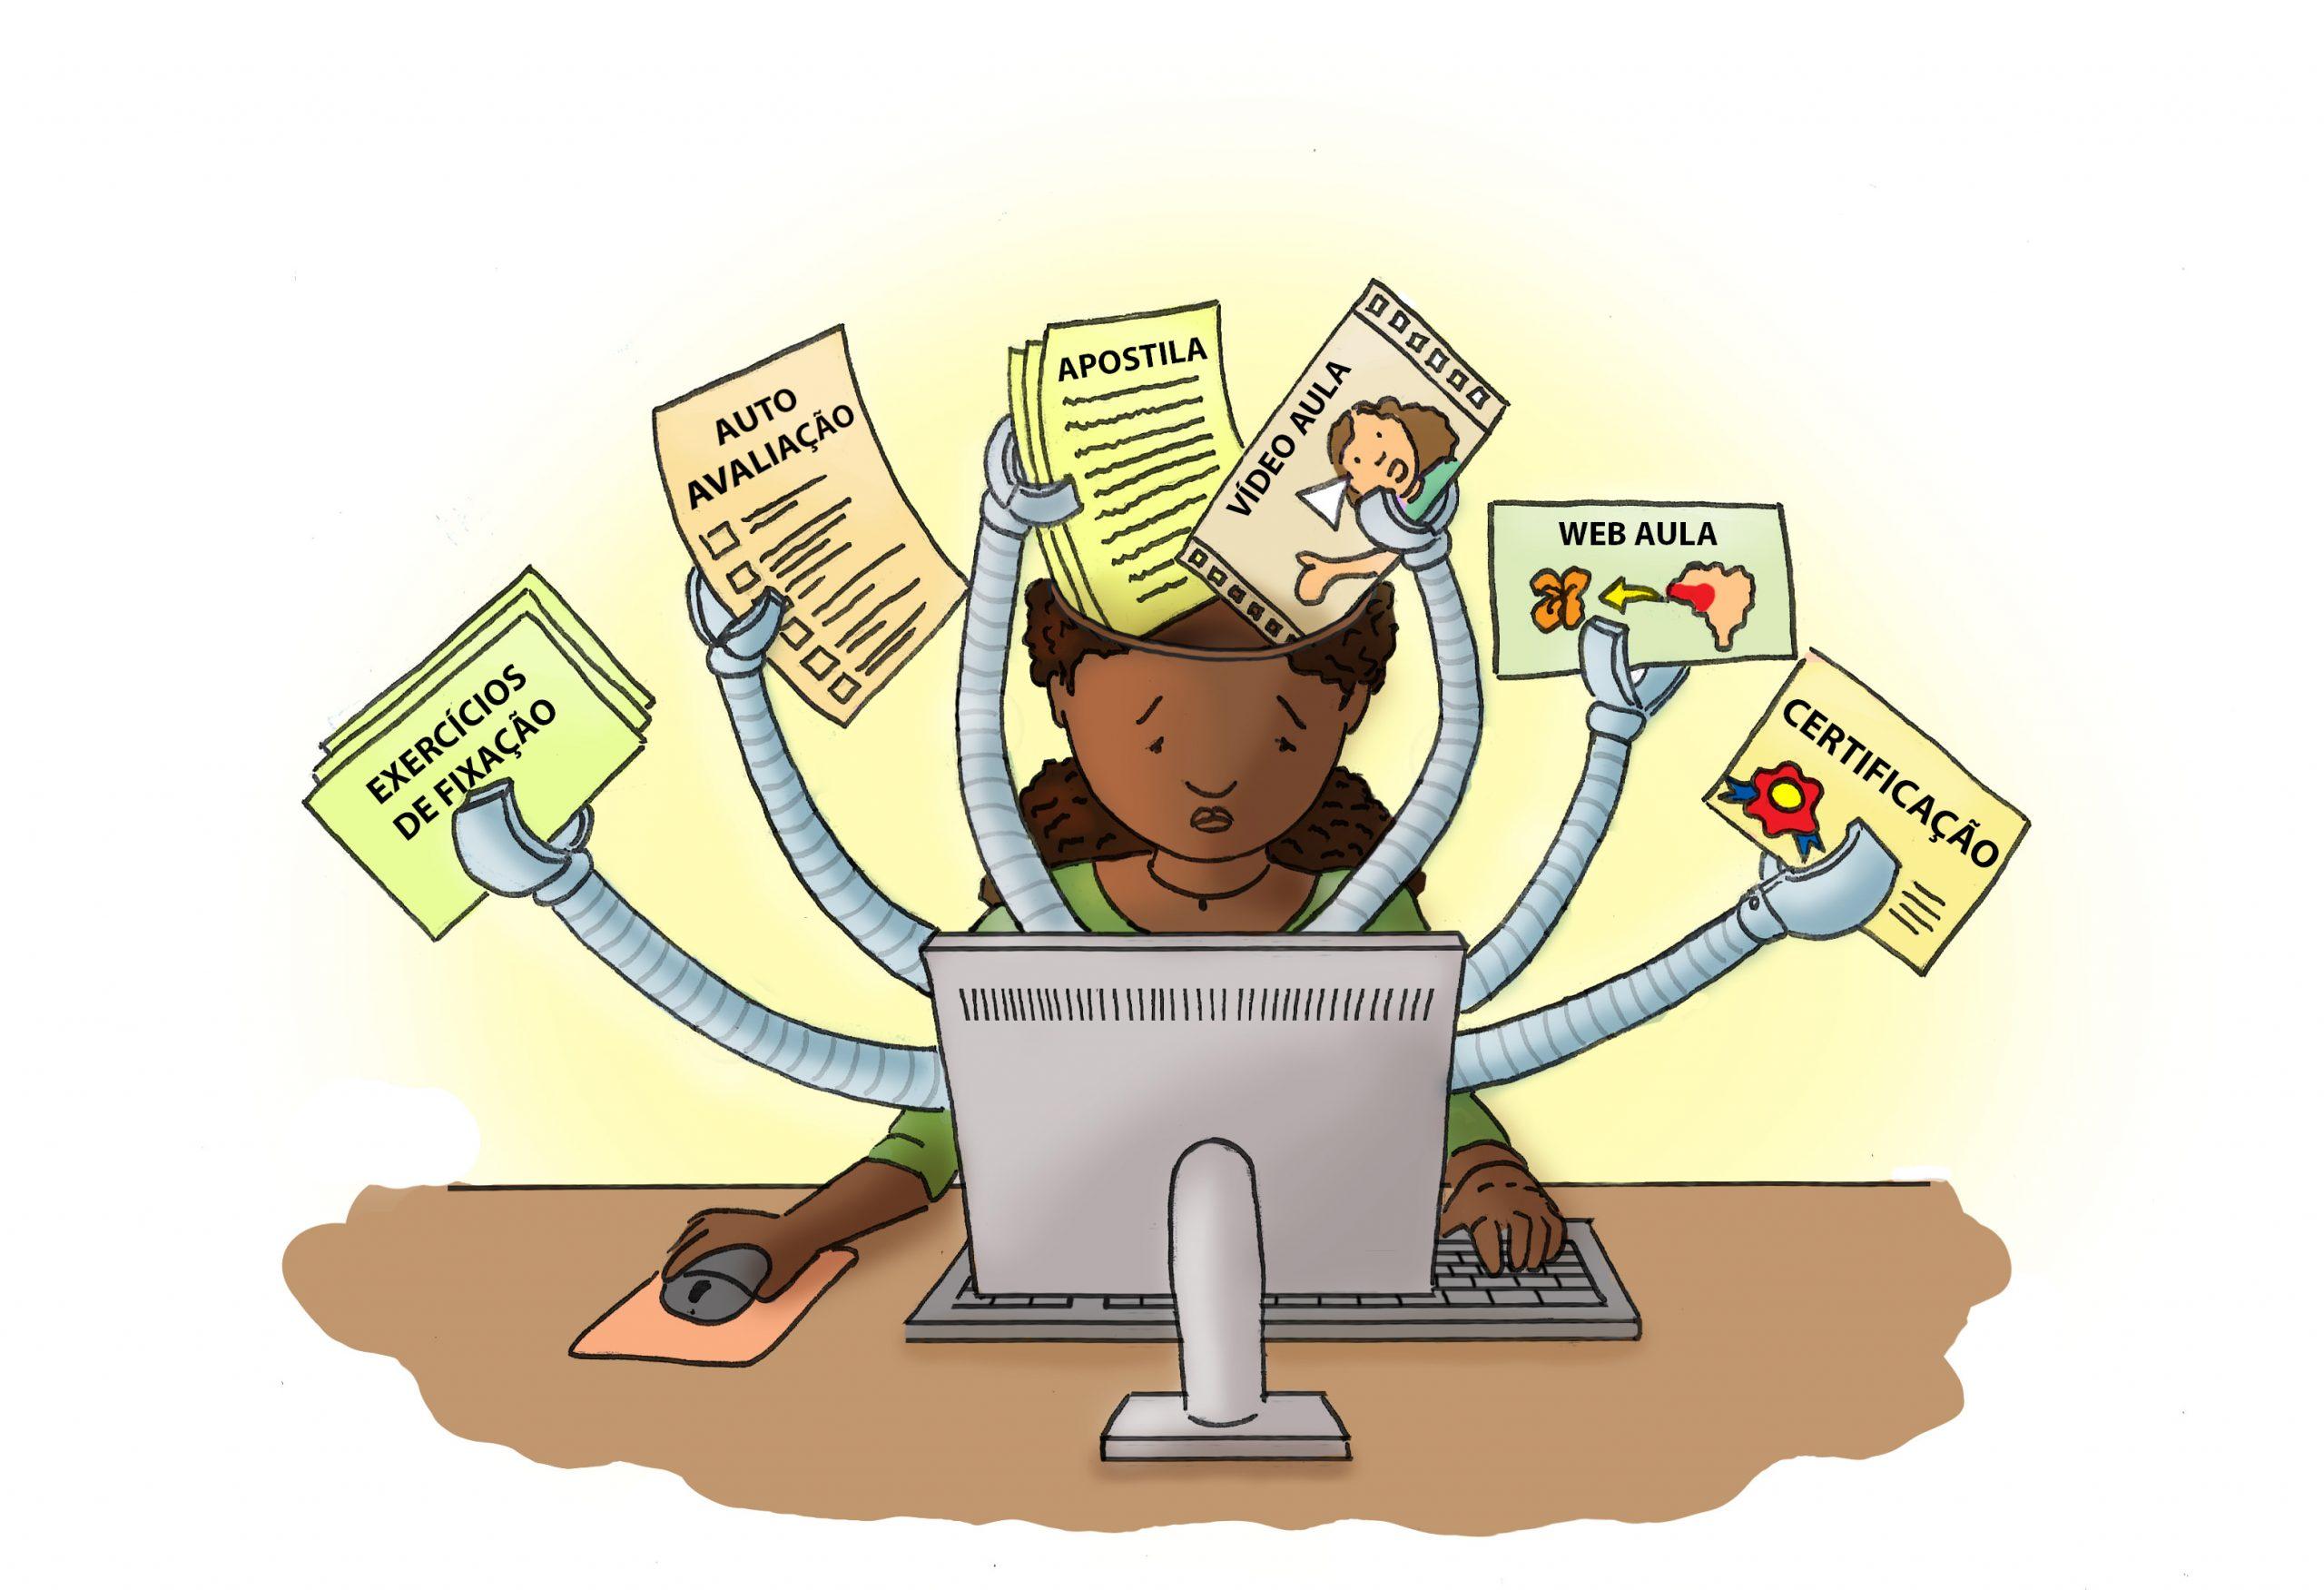 Instrução (re)programada, máquinas (digitais em rede) de ensinar e a pedagogia (ciber)tecnicista